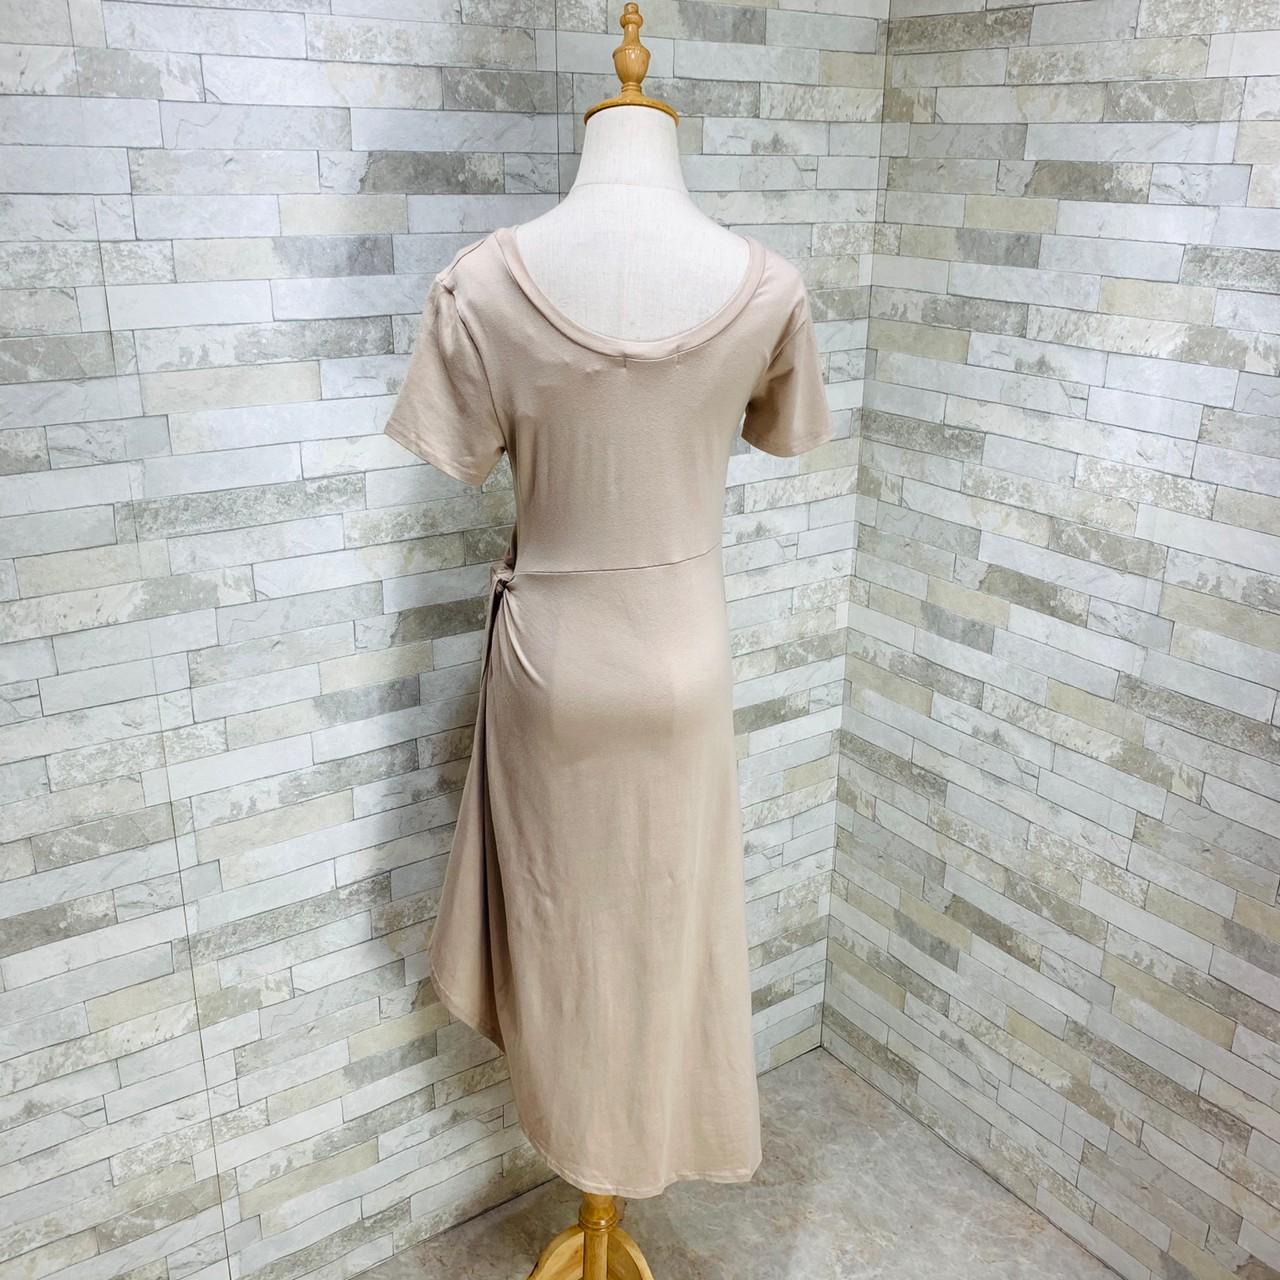 韓国 ファッション ワンピース 夏 春 カジュアル PTXI188  アシンメトリー ツイスト ドレープ スリット オルチャン シンプル 定番 セレカジの写真14枚目